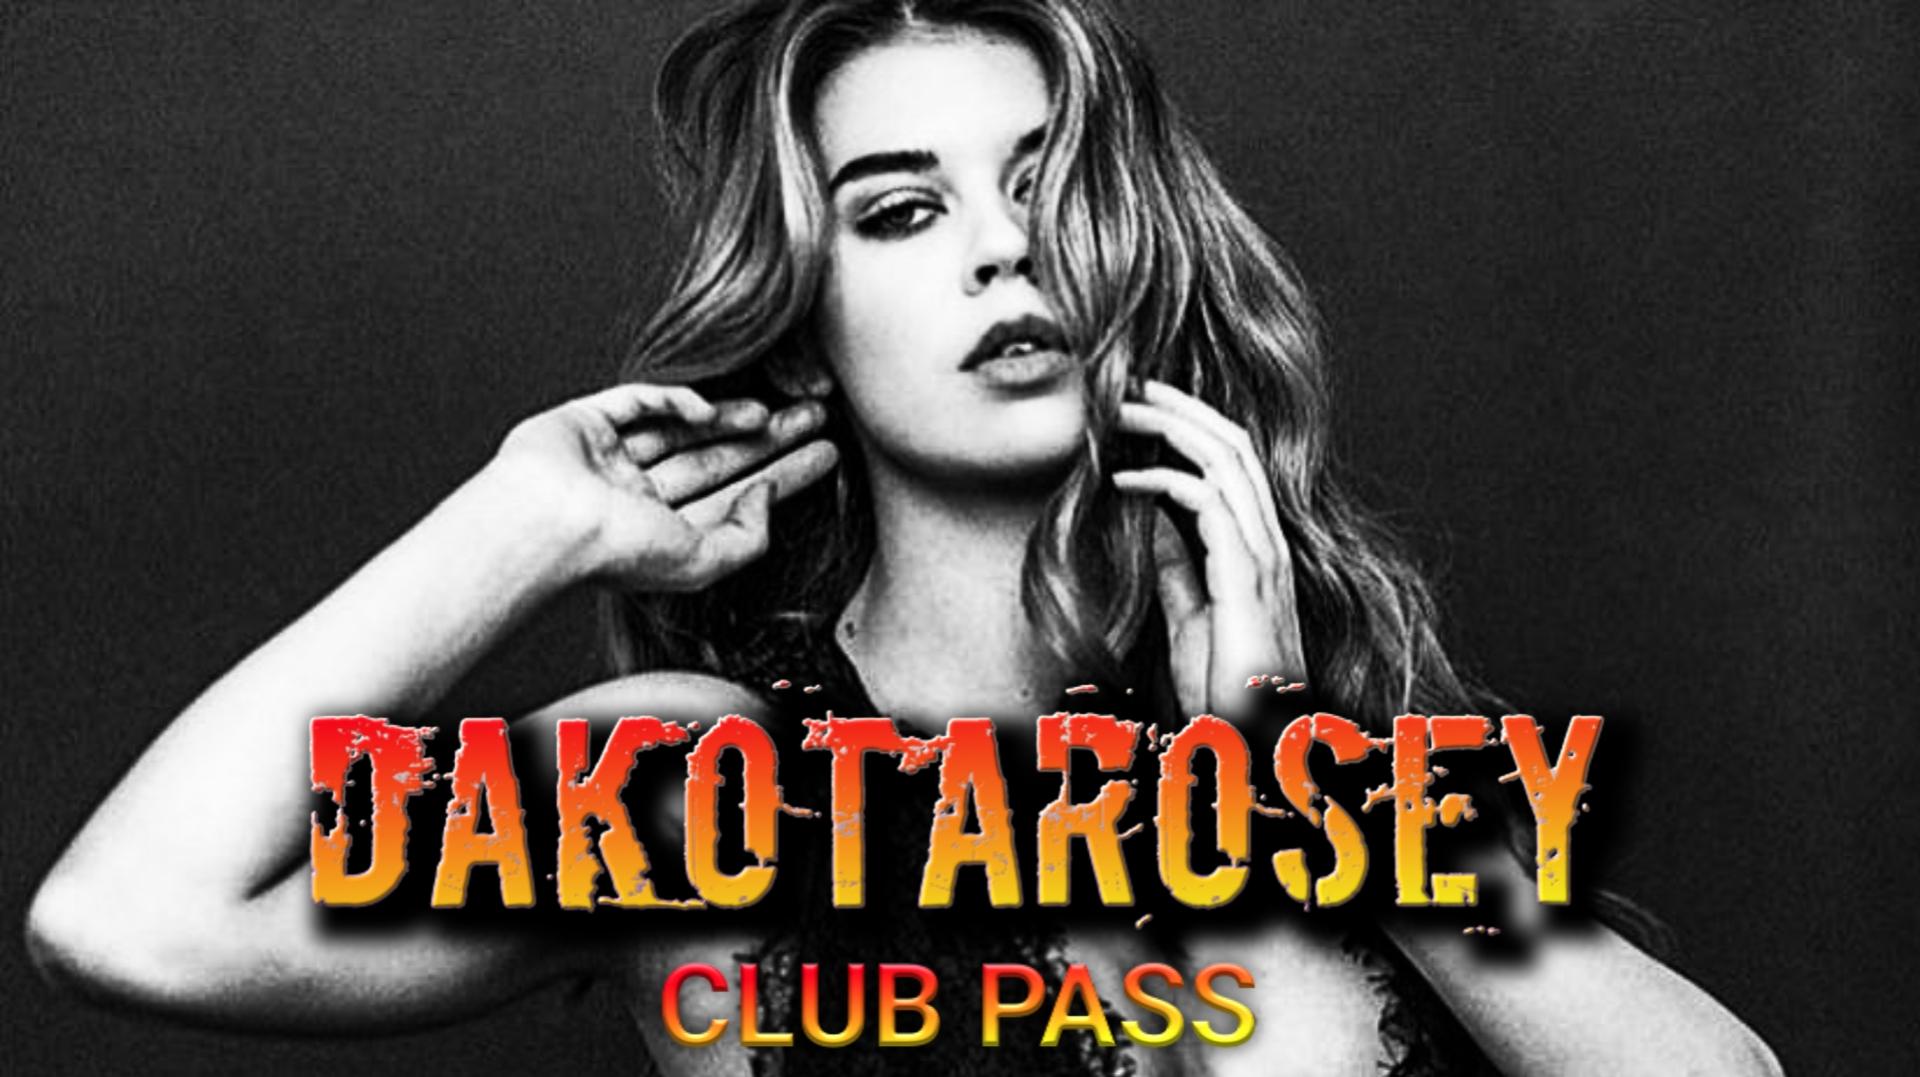 Dakotarosey Club Pass